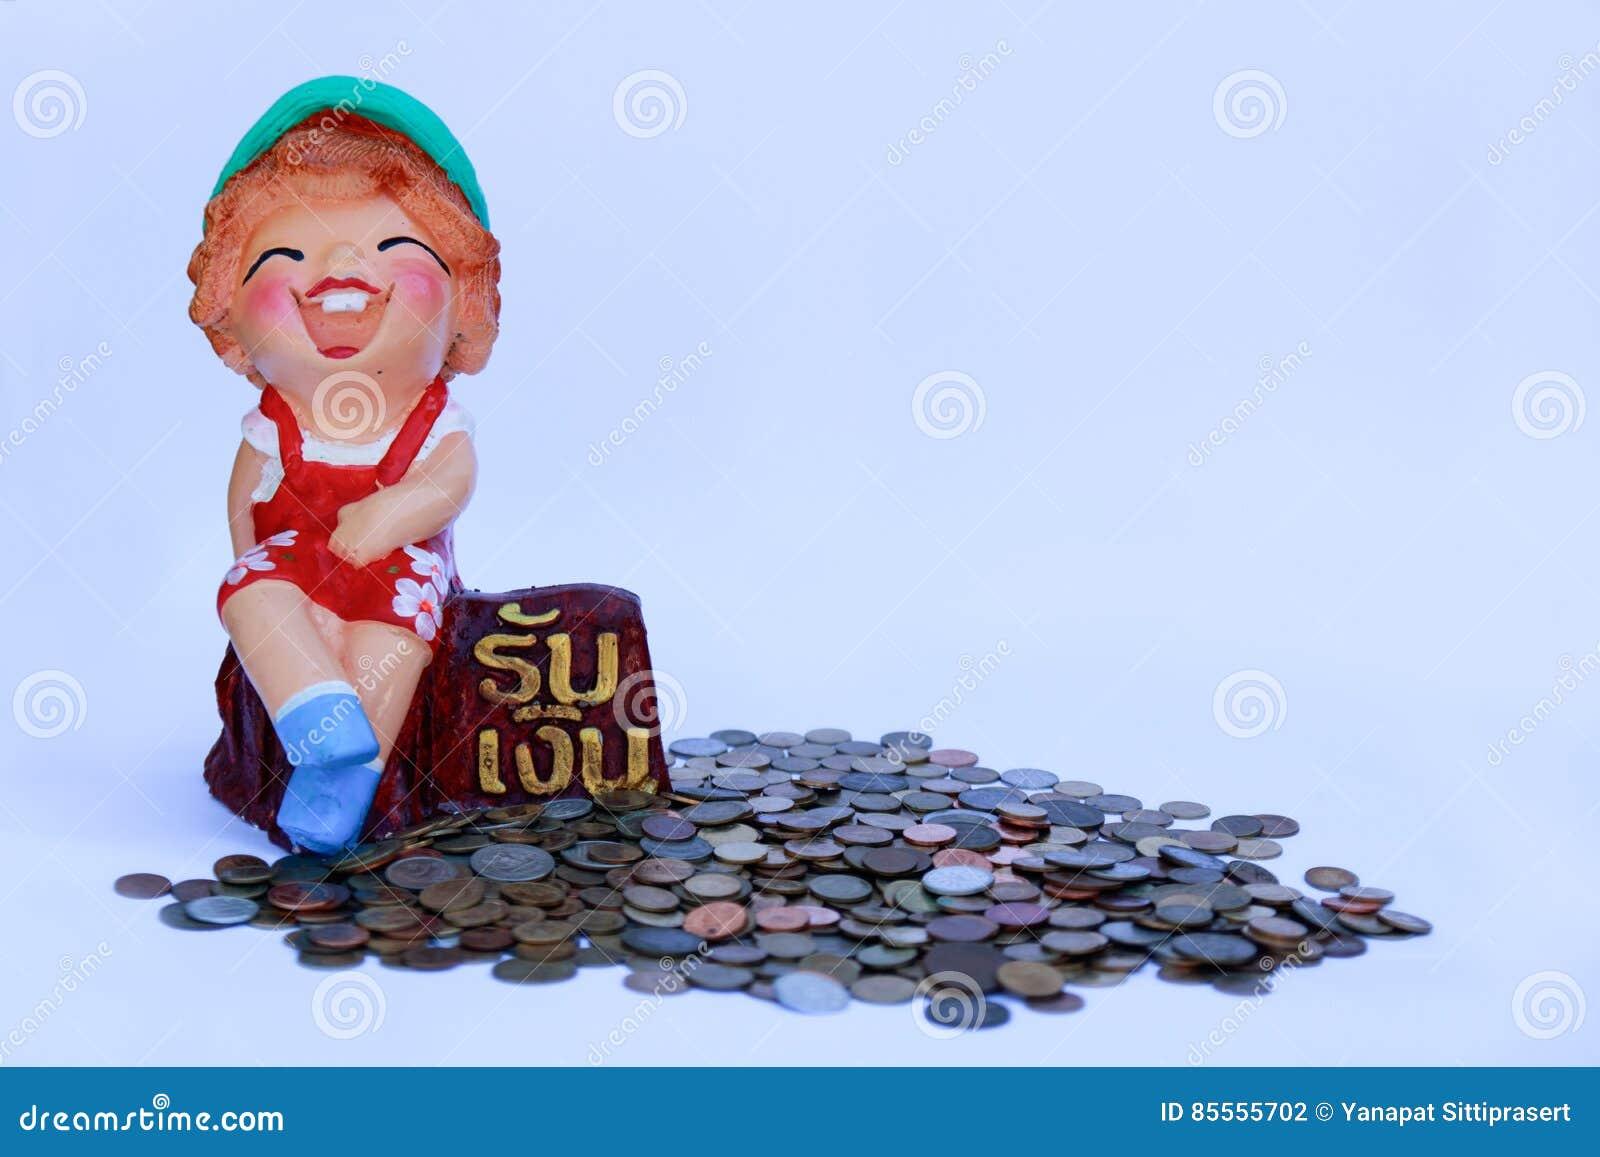 Gewann irgendeine Geld Puppe